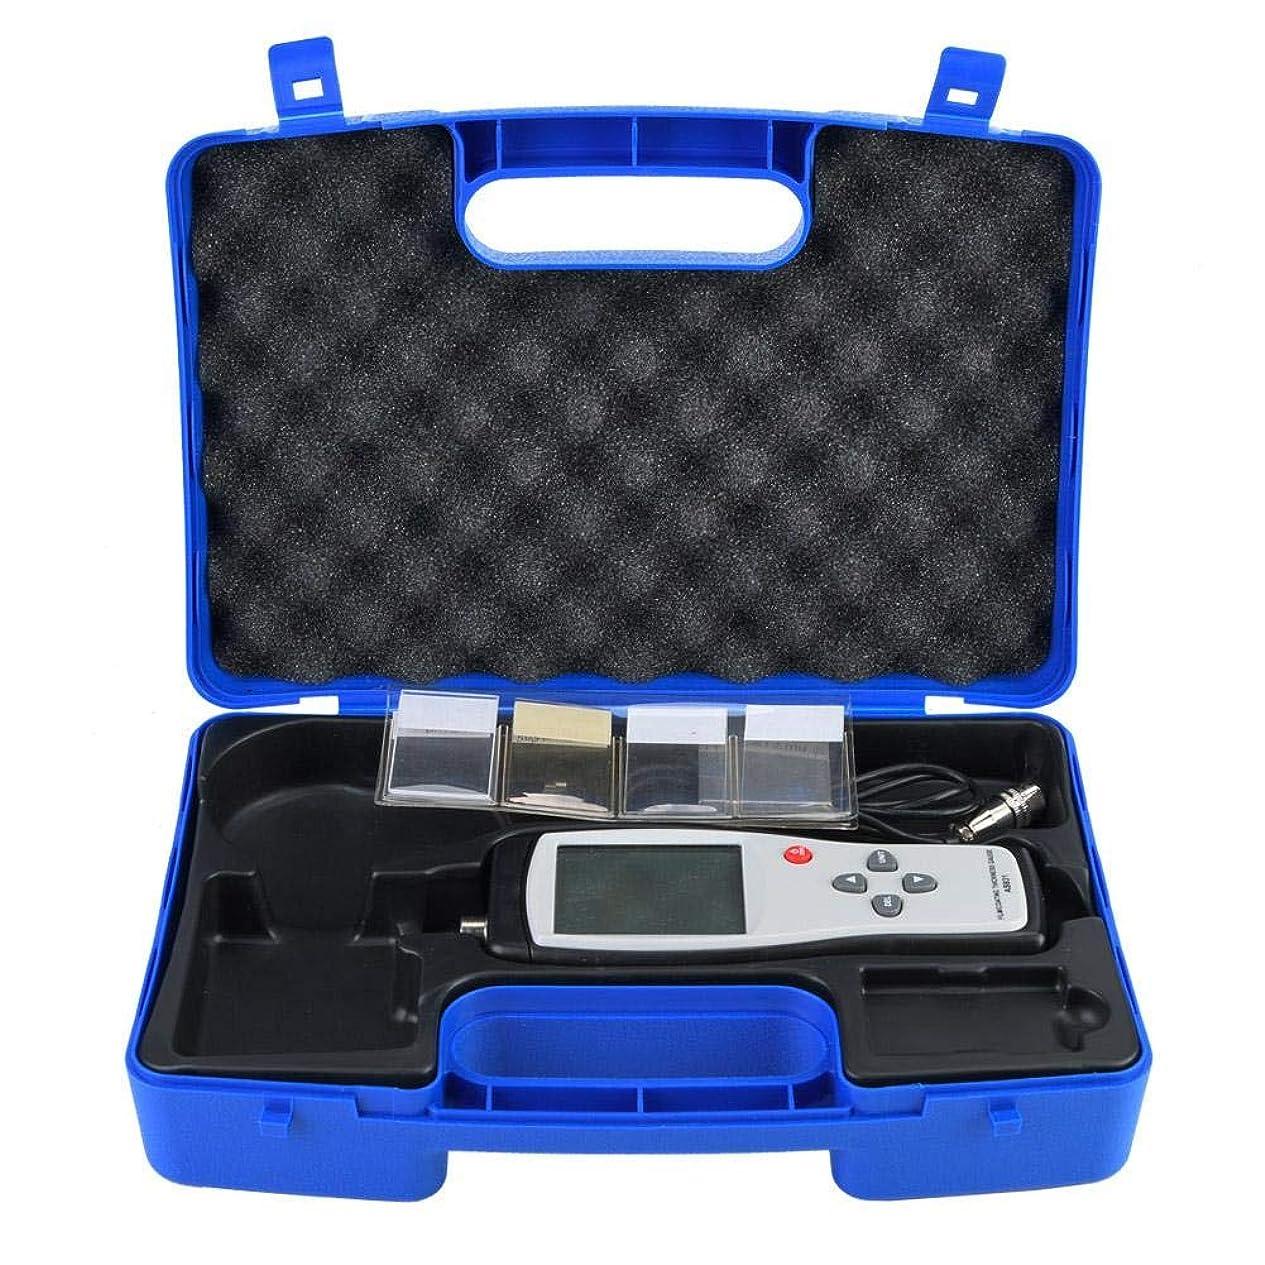 同志妥協第五デジタルコーティング厚さゲージ、AS931デジタルコーティング厚さゲージ鉄ベースの厚さテスターメーター0?1800um、LCDディスプレイ、測定範囲:0?1800μm